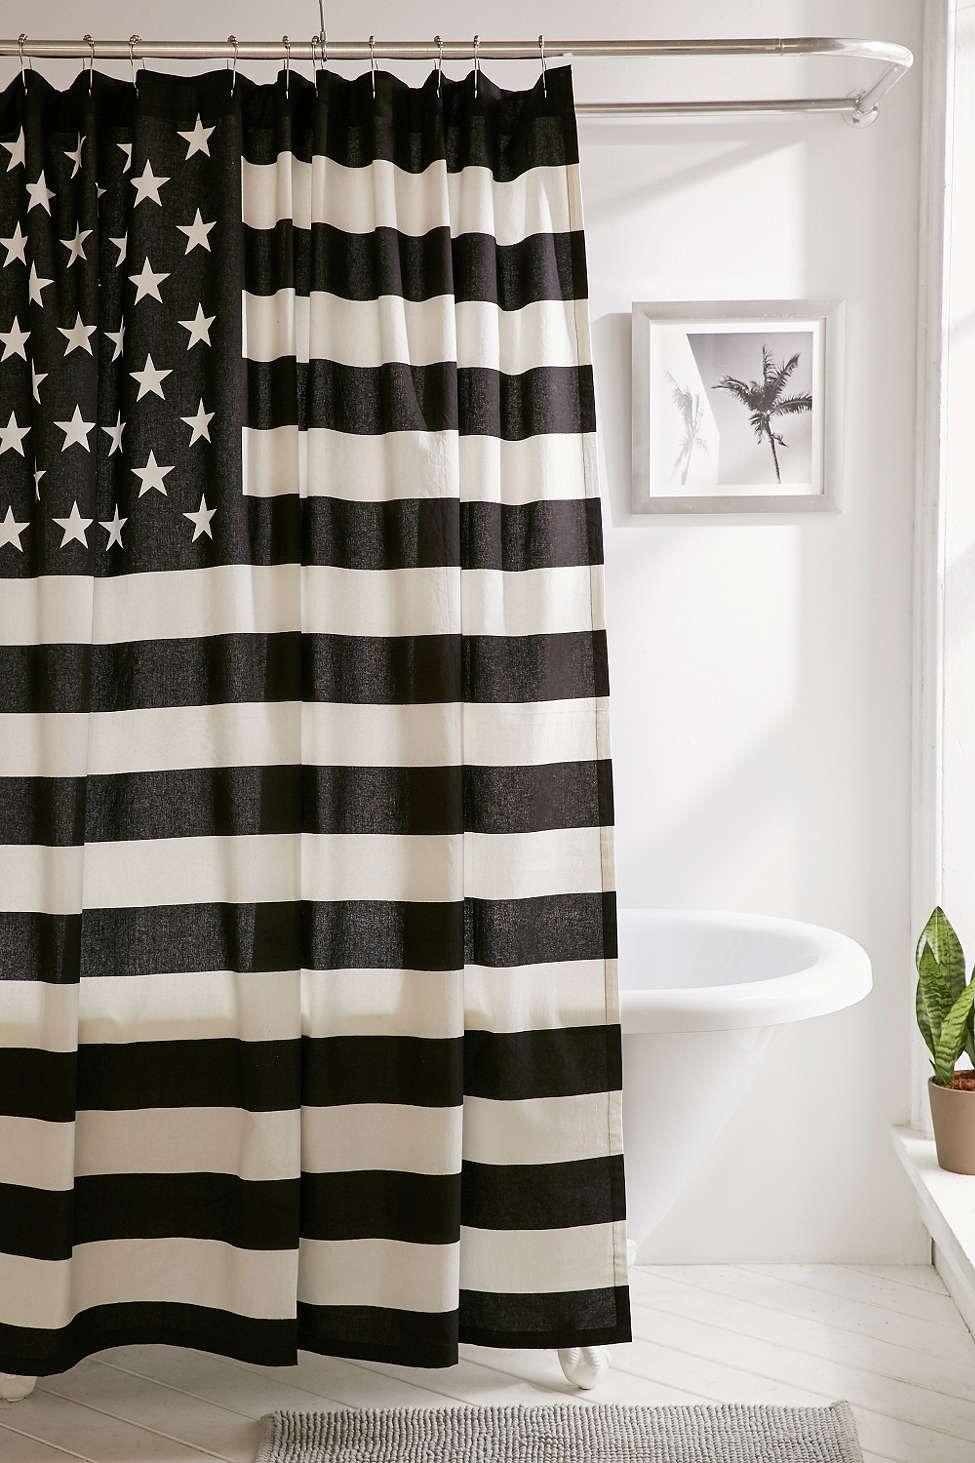 American Flag Bathroom Decor Lovely Aged Rustic American Flag Hand Towels Bath Towel And Bat Rustic American Flag Christmas Bathroom Decor Green Bathroom Decor